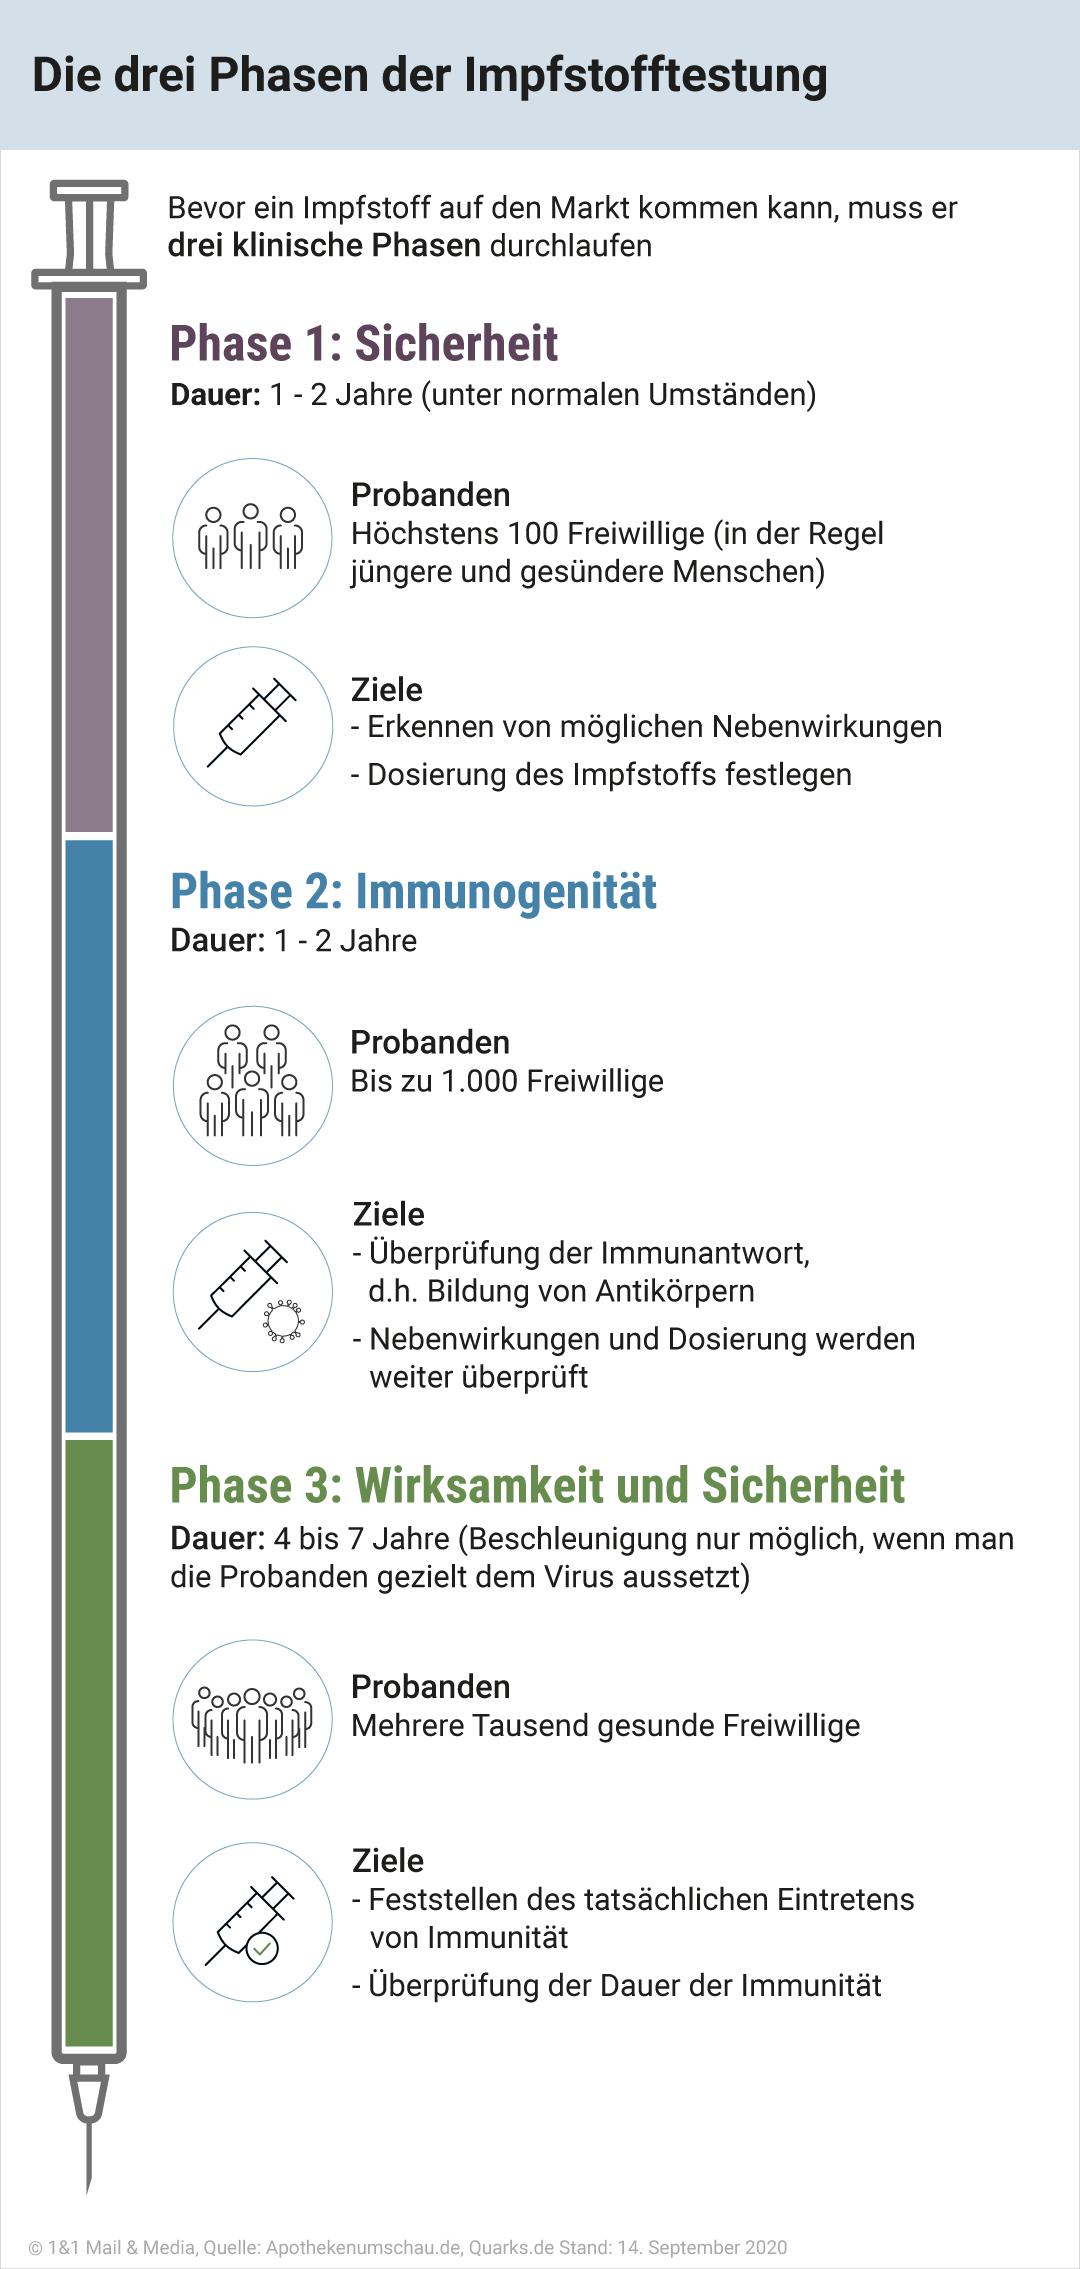 Bild zu Die drei Phasen der Impfstofftestung.